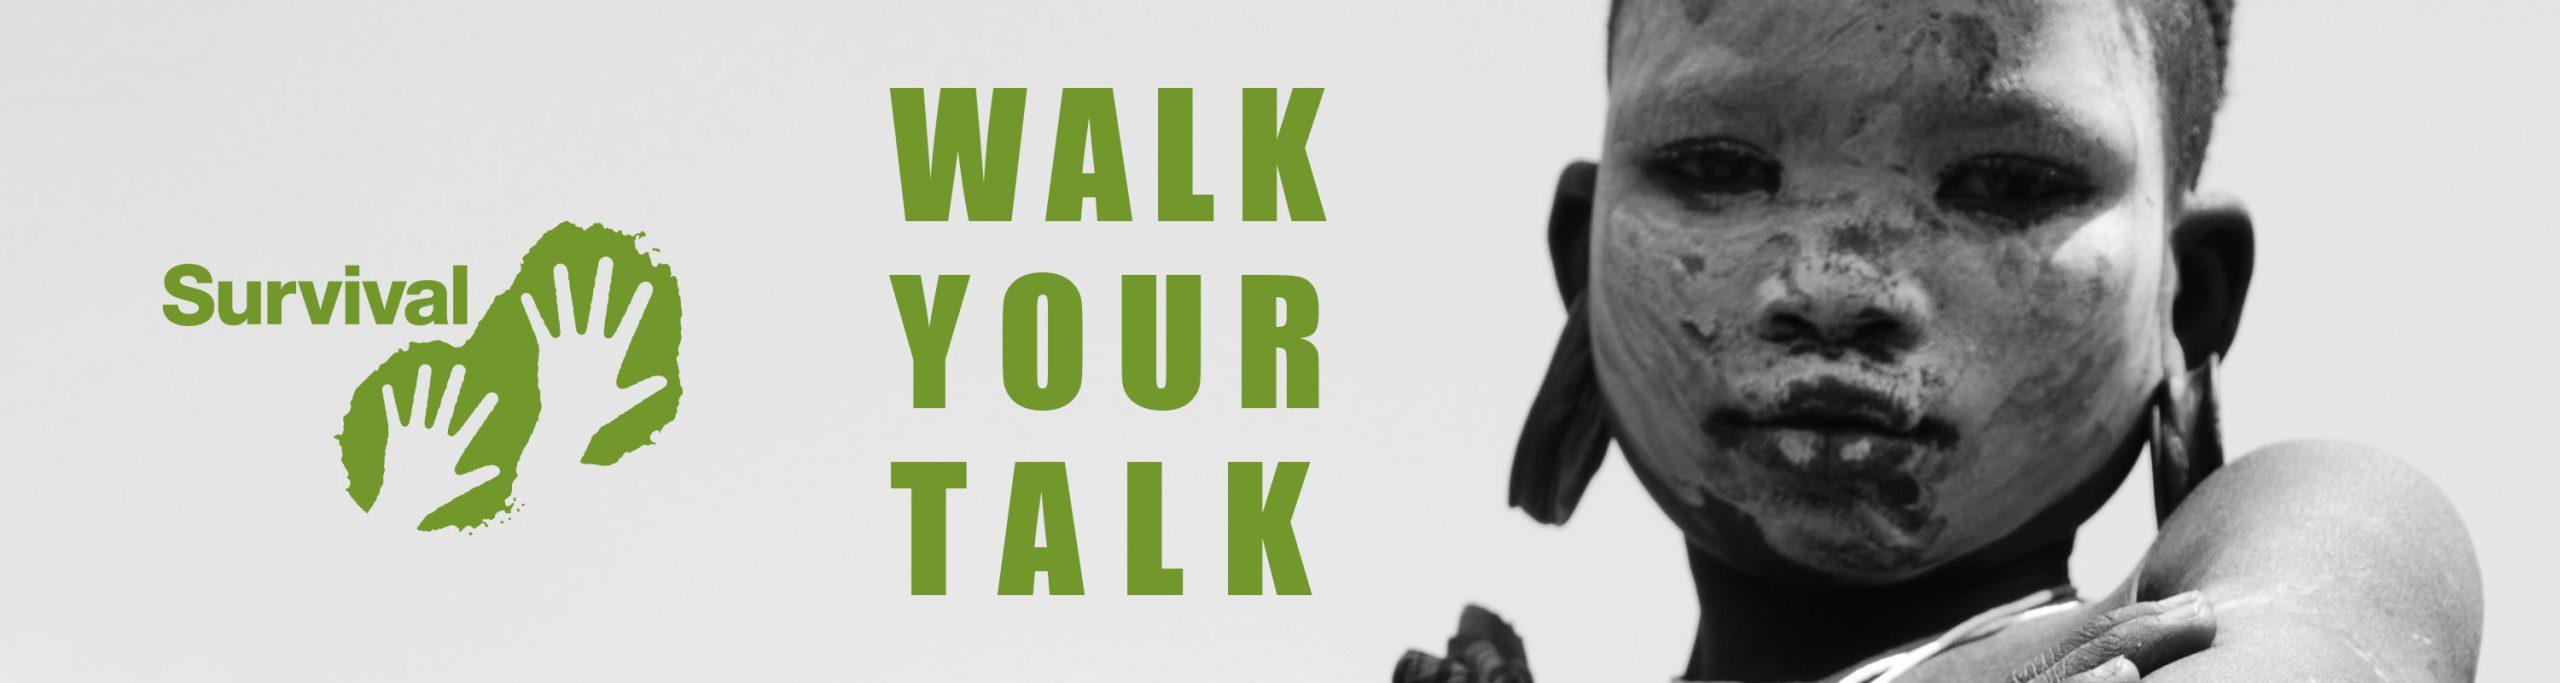 survival-international-walk_your_talk_by_majormajor_Start